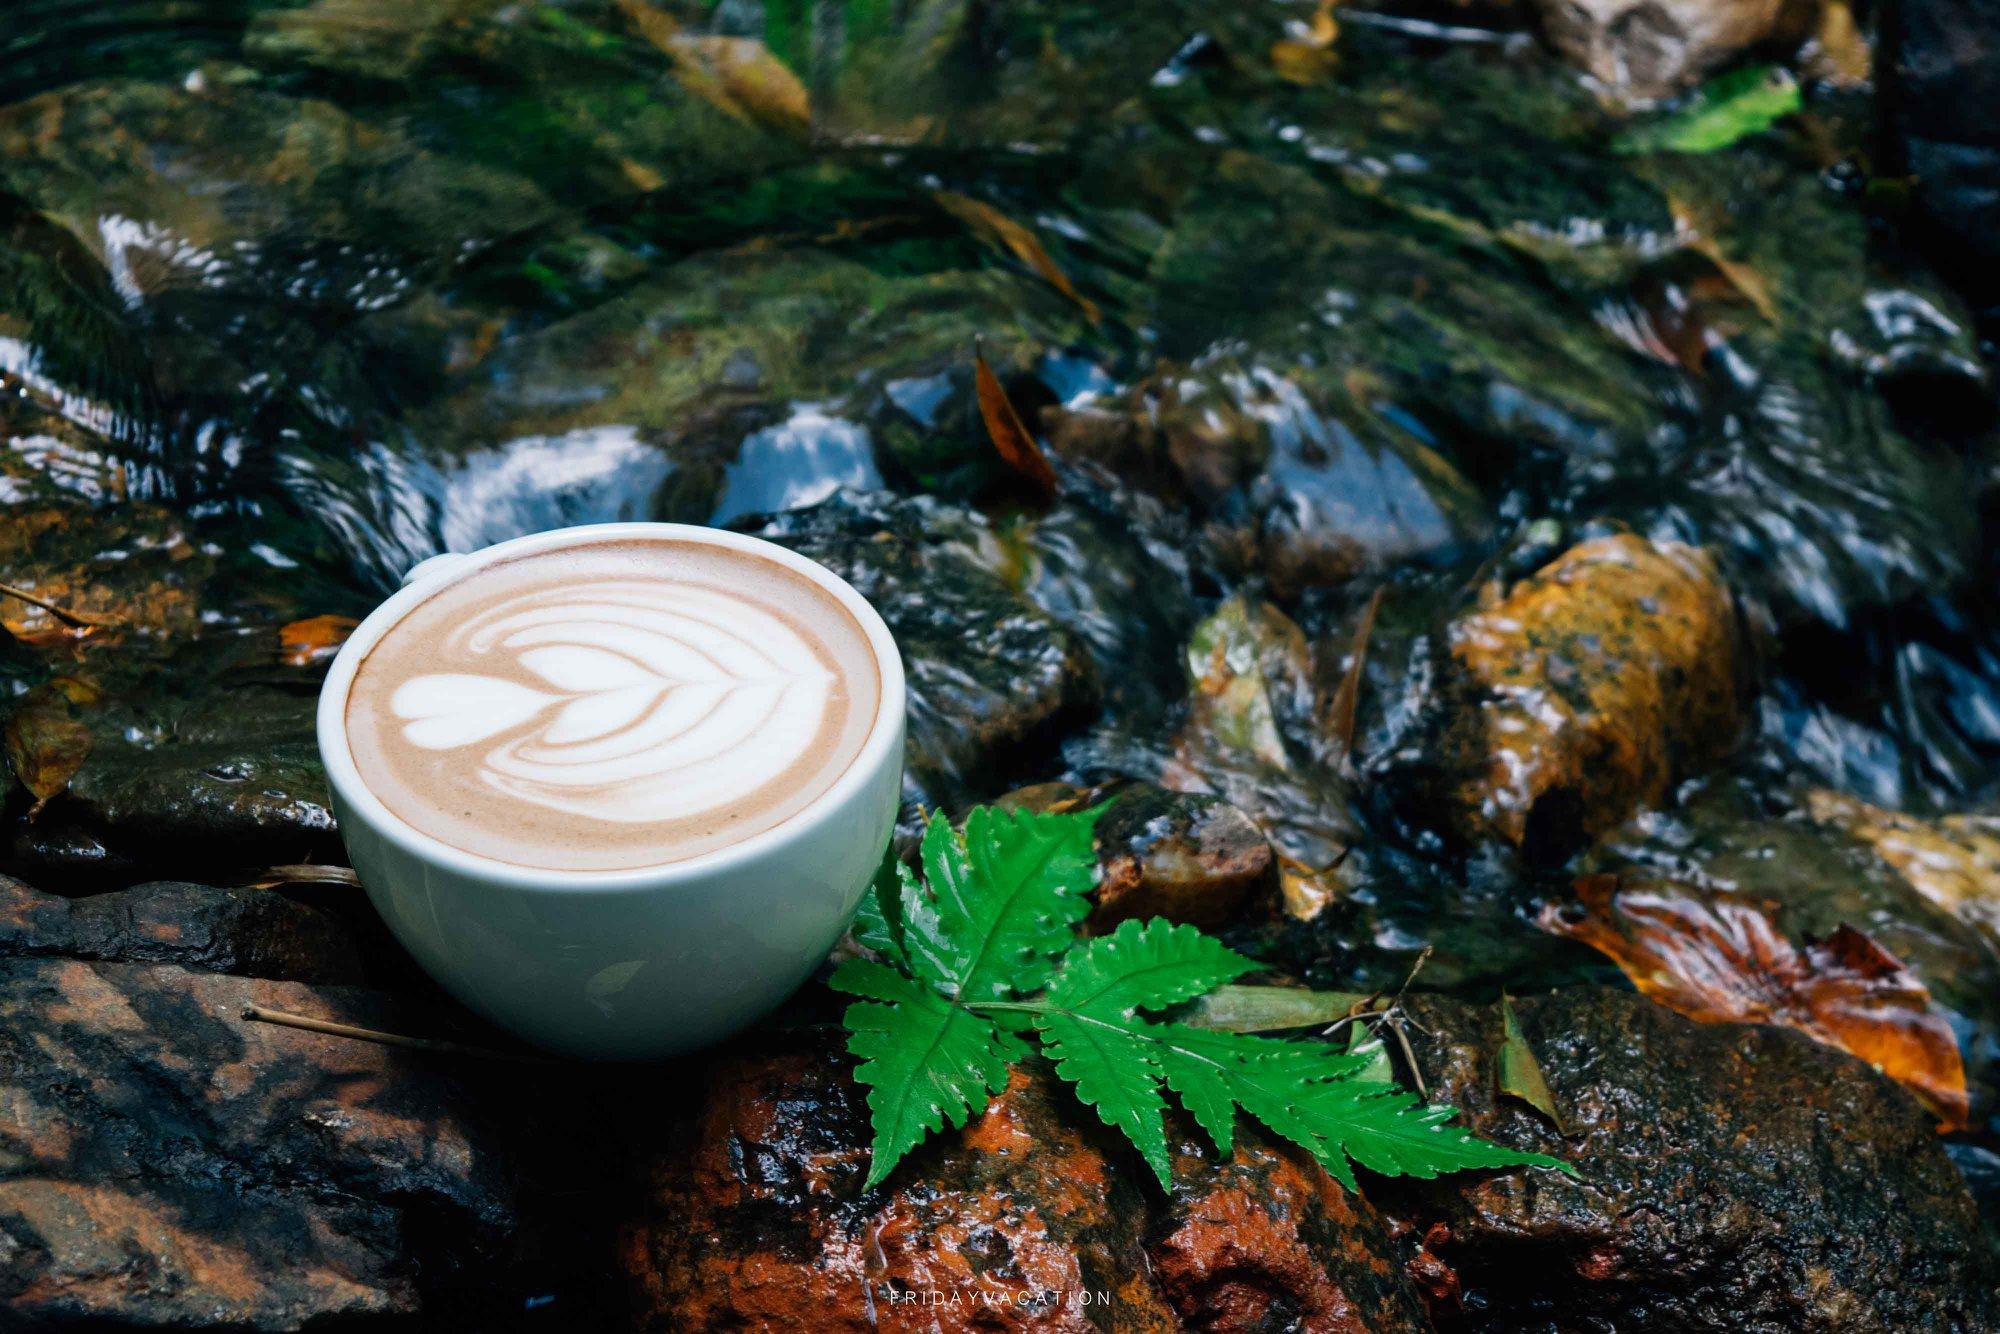 จิบกาแฟชิวๆริมน้ำ  ภูเก็ต,สถานที่ท่องเที่ยว,ของกิน,จุดเช็คอิน,ที่เที่ยว,จุดถ่ายรูป